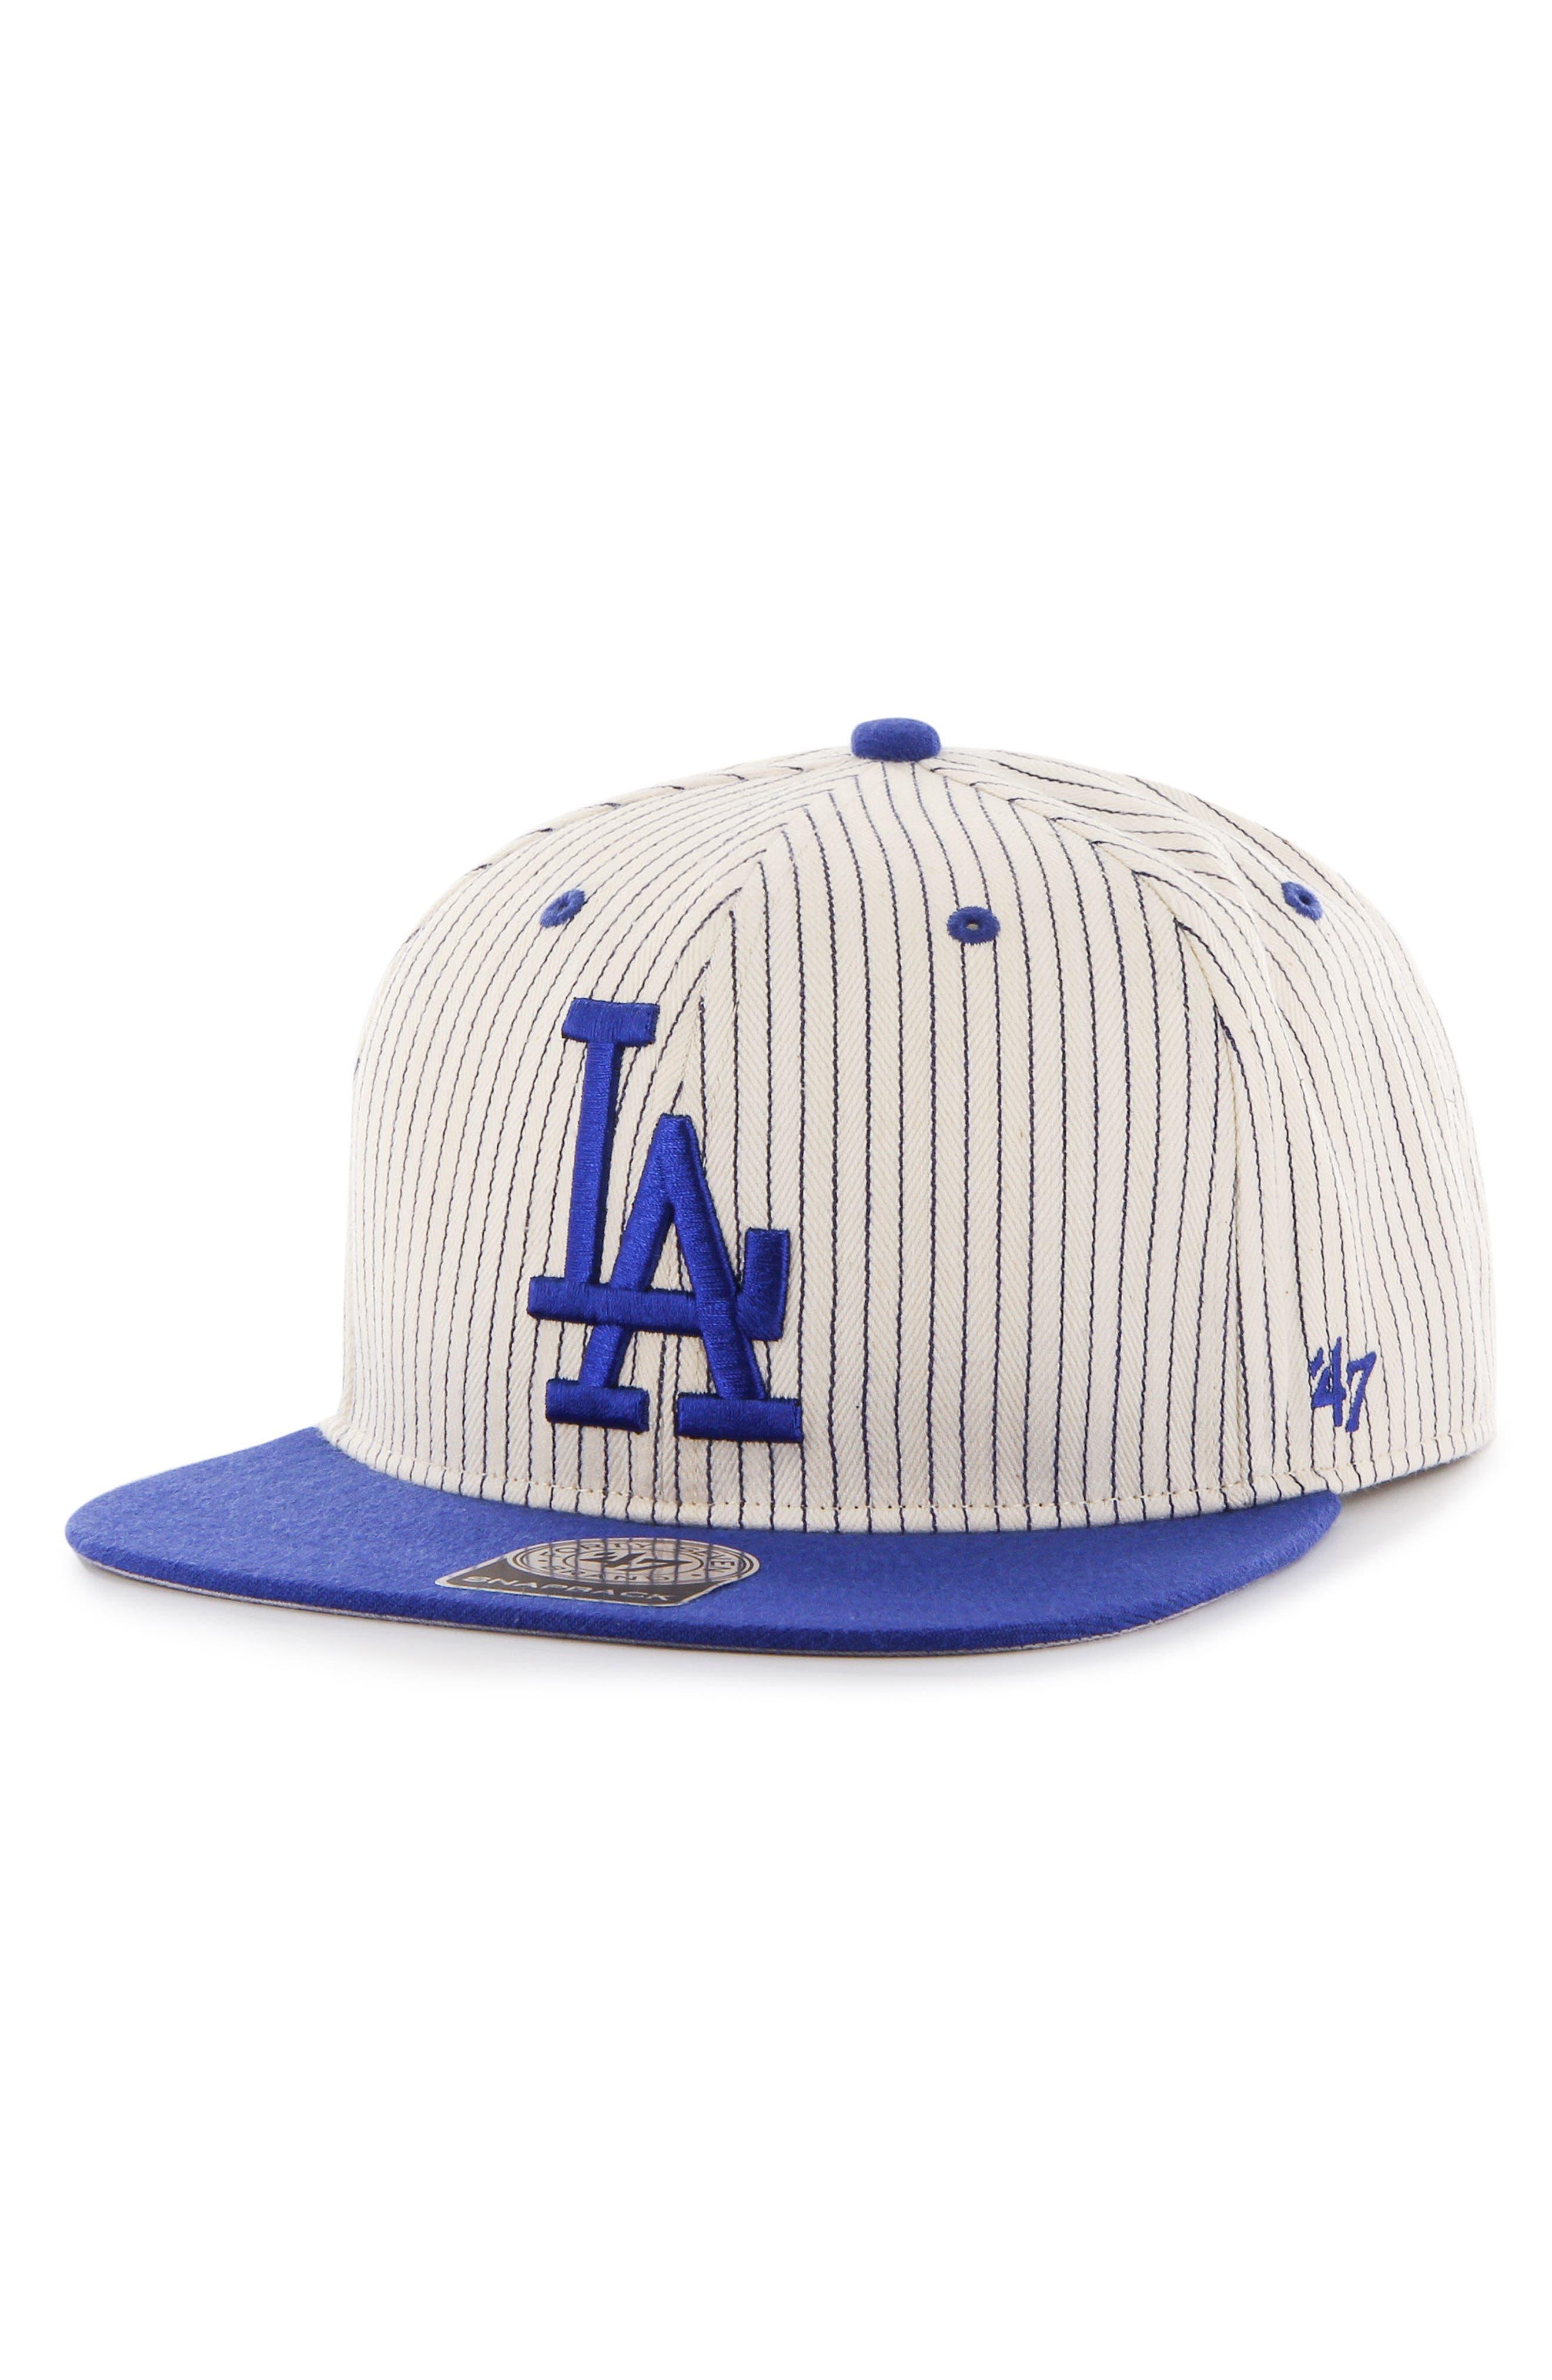 LA Dodgers Woodside Baseball Cap,                             Main thumbnail 1, color,                             NAVY